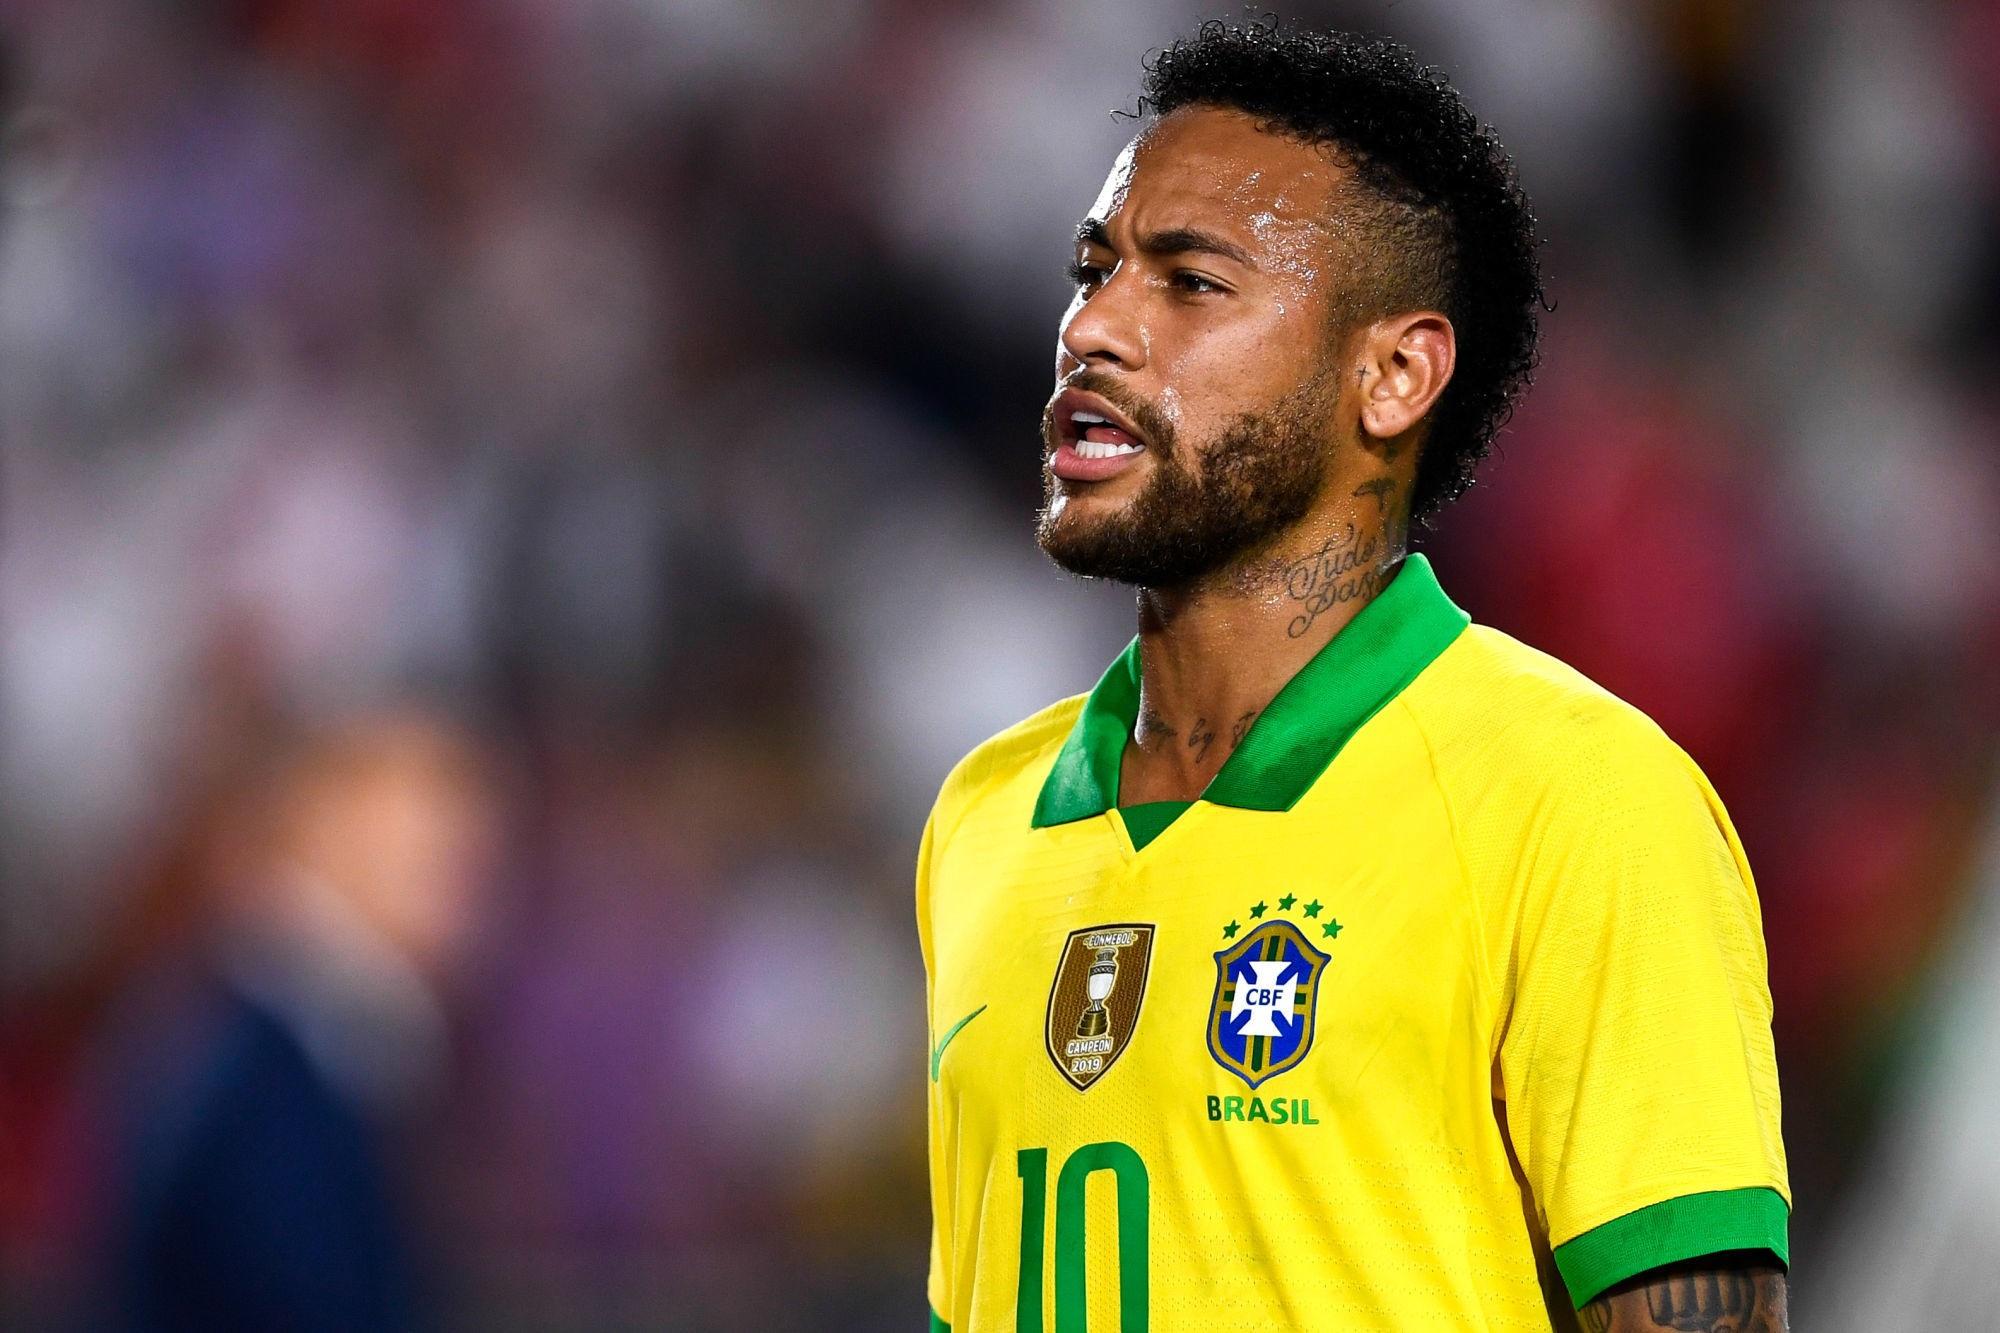 Pérou/Brésil - Les équipes officielles : Neymar et Marquinhos titulaires